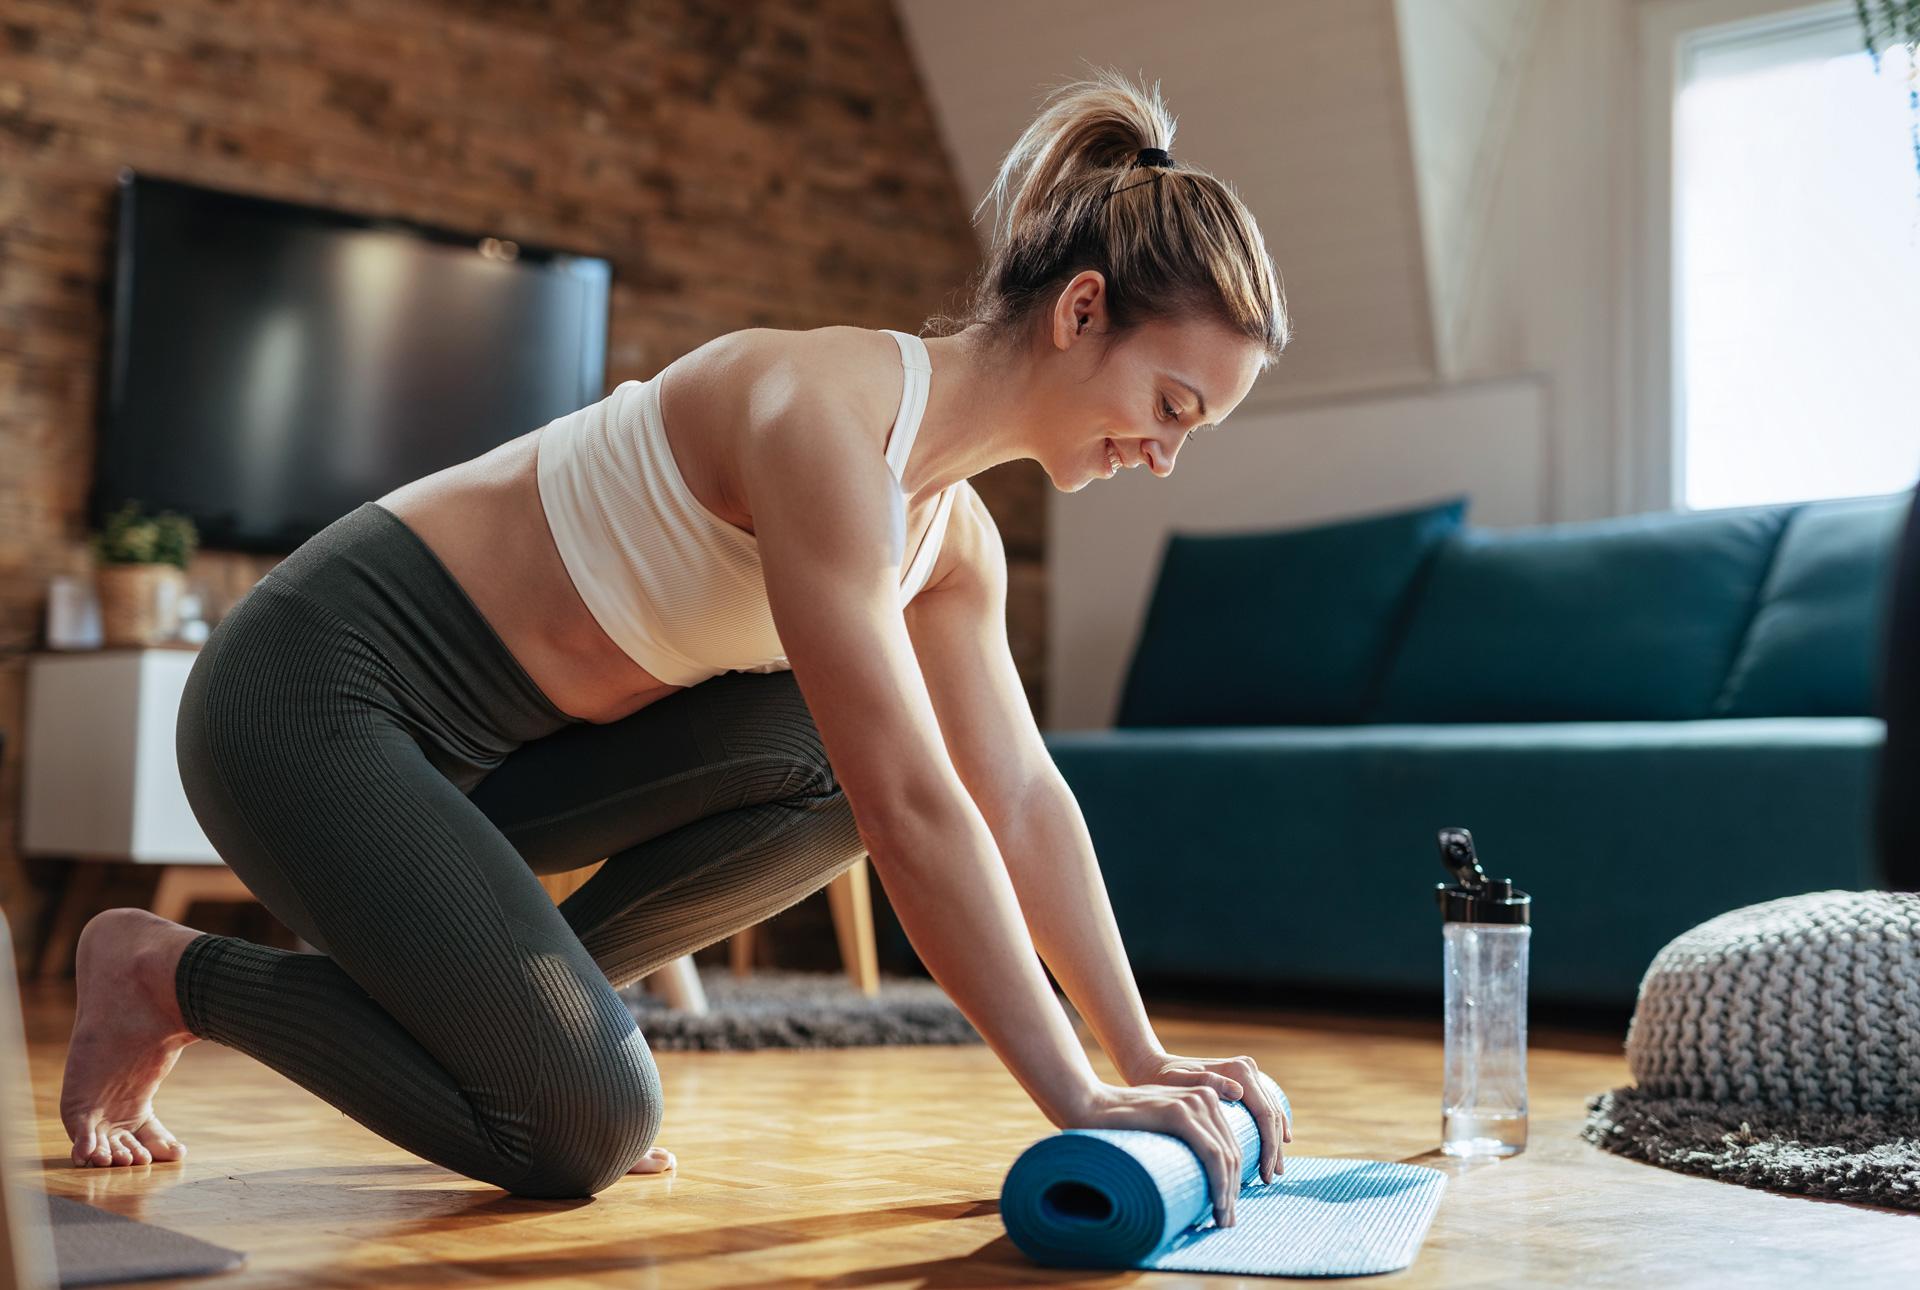 Praktische Übungen zum Abnehmen zu Hause